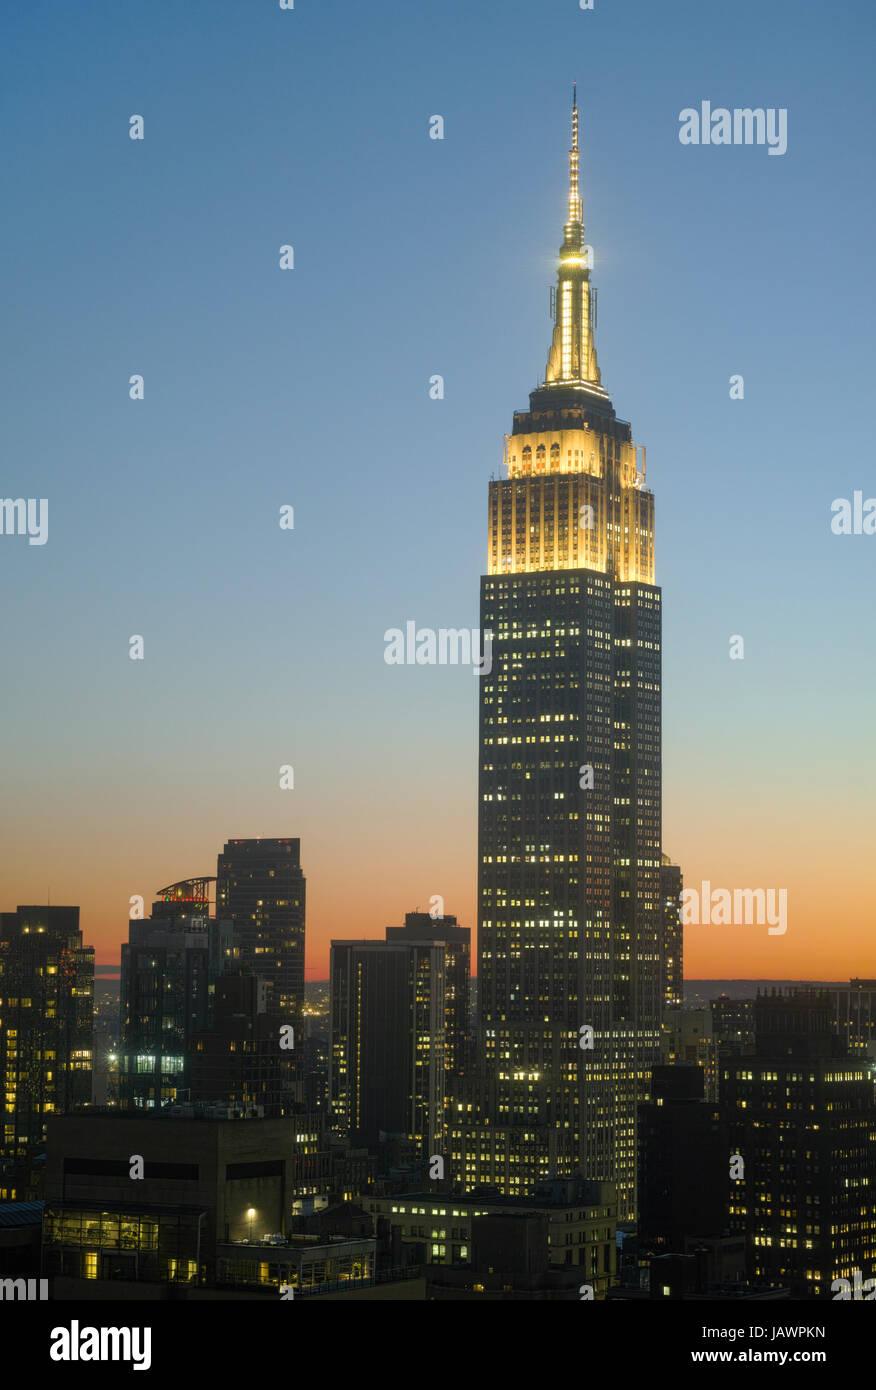 Edificio Empire State al atardecer con las luces de la torre amarilla en honor a los jóvenes artistas y escritores. Oscuras siluetas de edificios cercanos por debajo de ella. - Junio Foto de stock